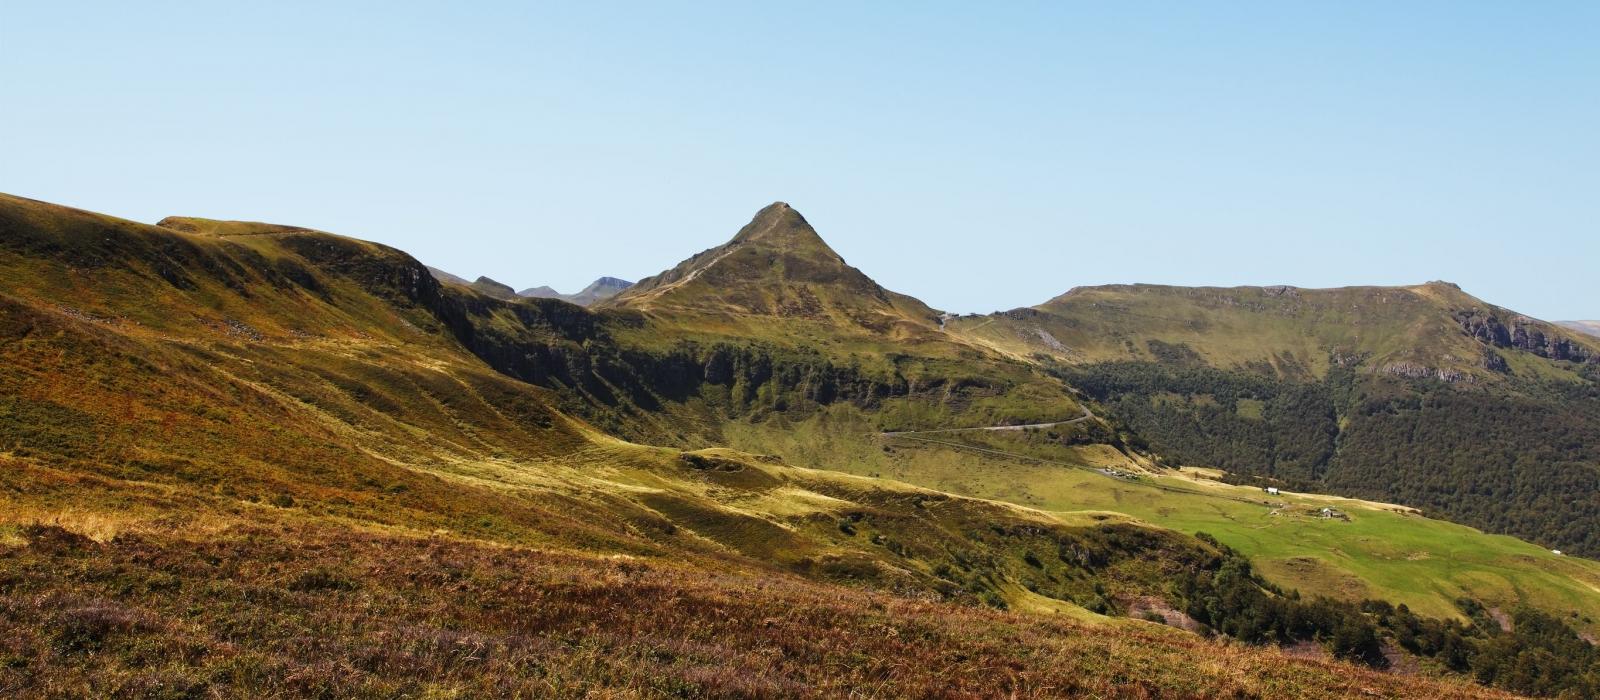 Le Puy Mary, à la conquête du volcan